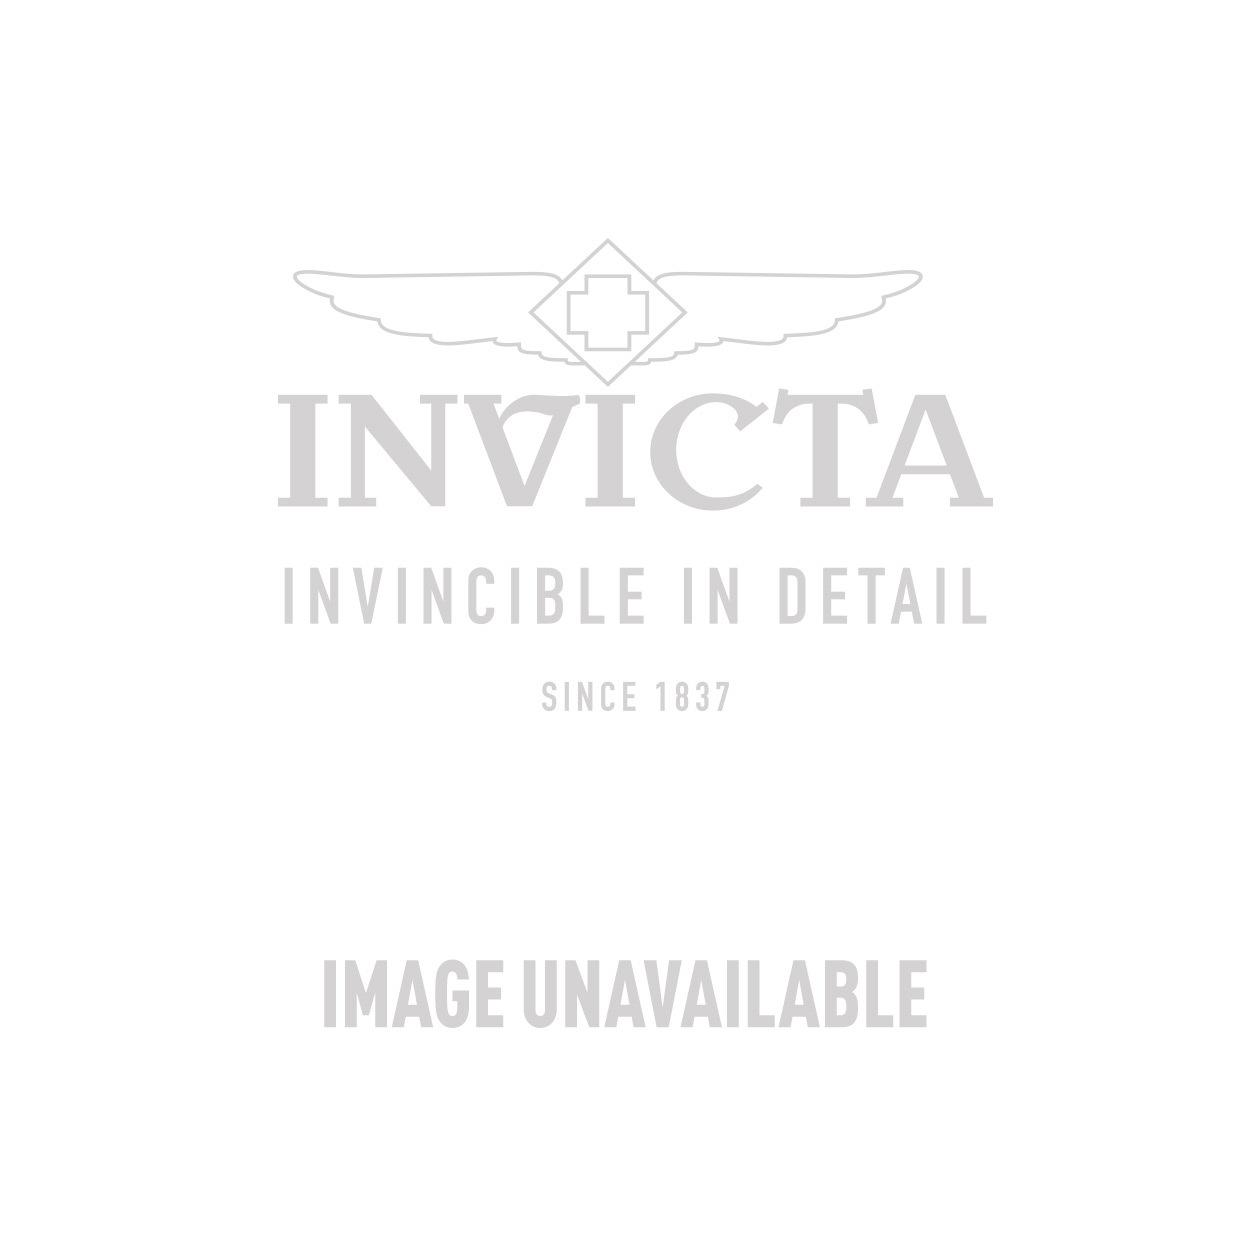 Invicta Model 29077